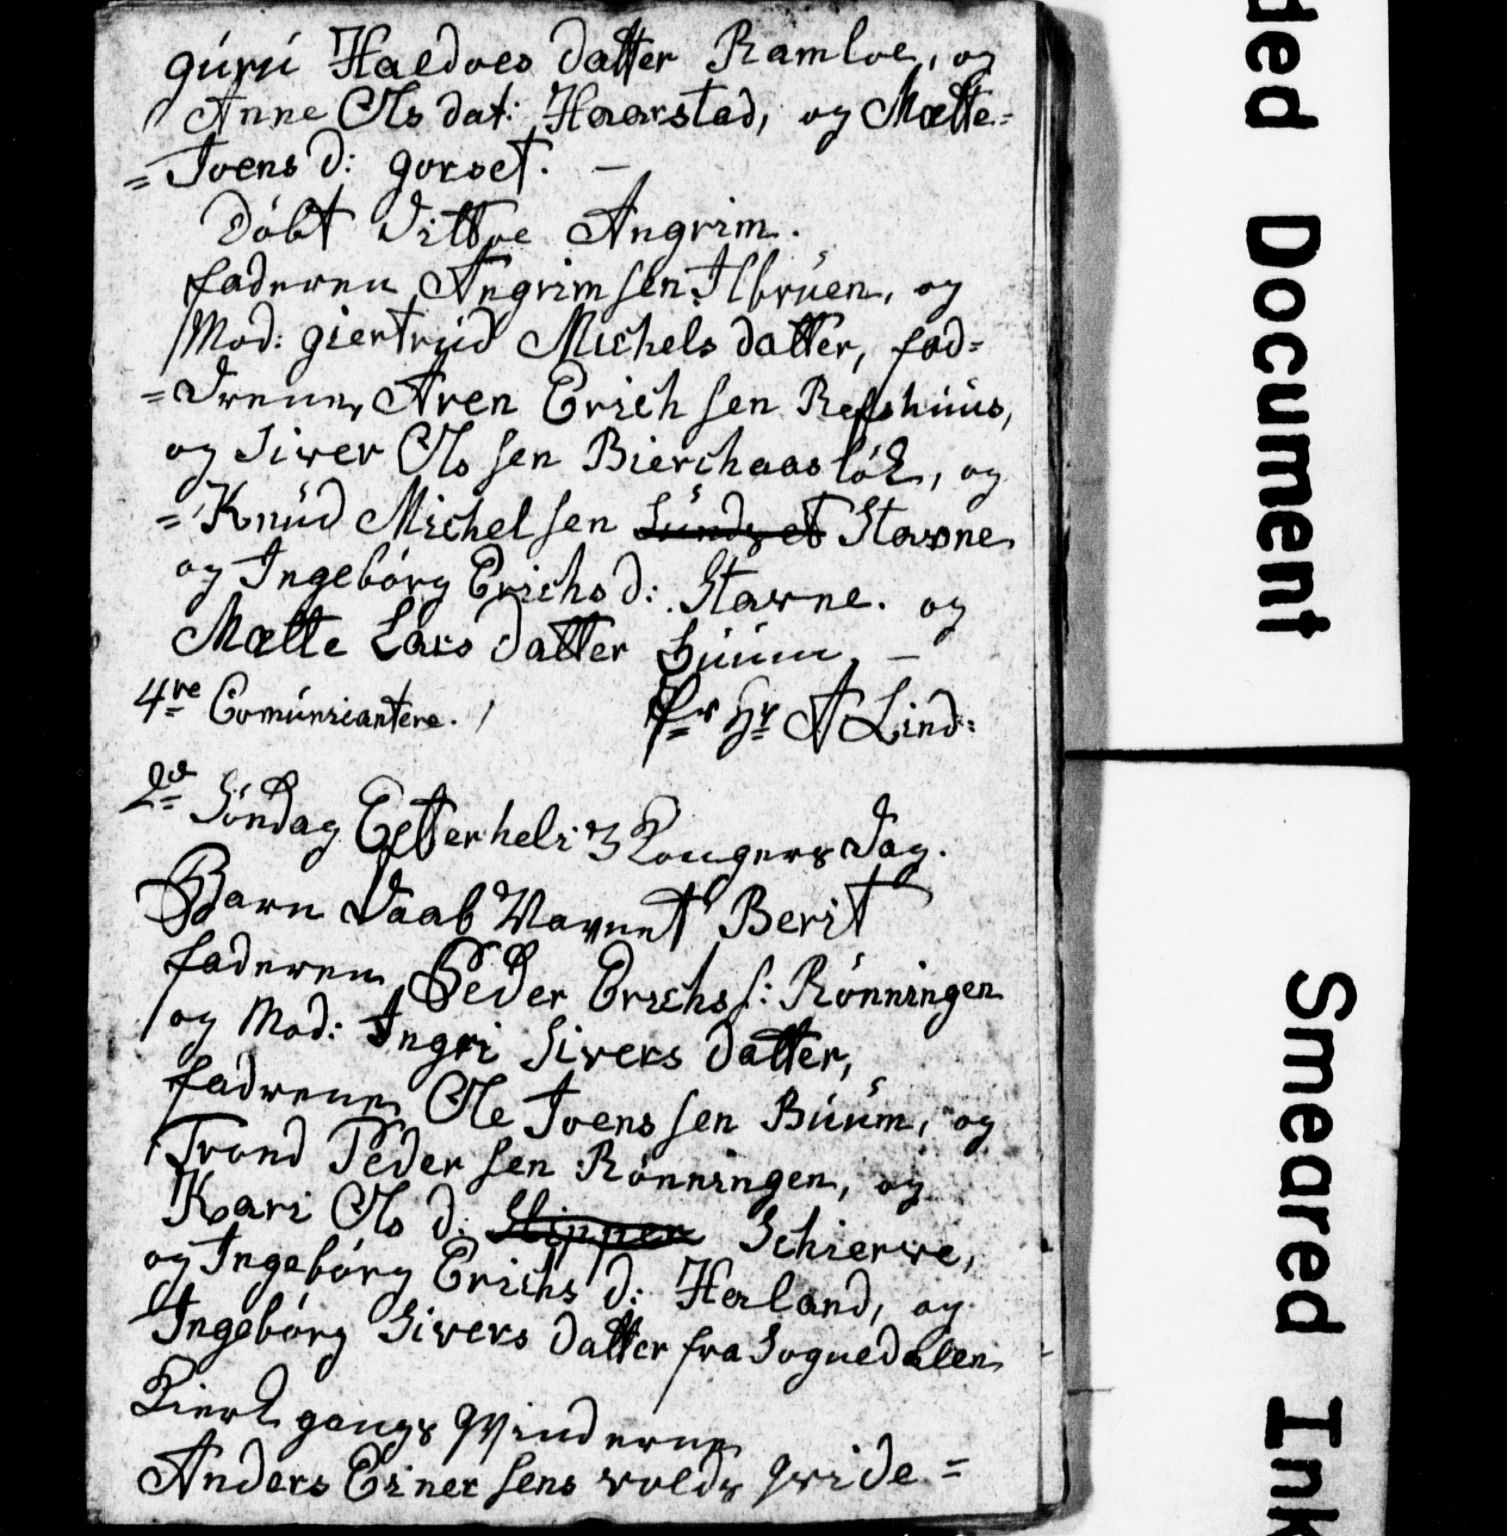 SAT, Ministerialprotokoller, klokkerbøker og fødselsregistre - Sør-Trøndelag, 674/L0879: Klokkerbok nr. 674C06, 1775-1783